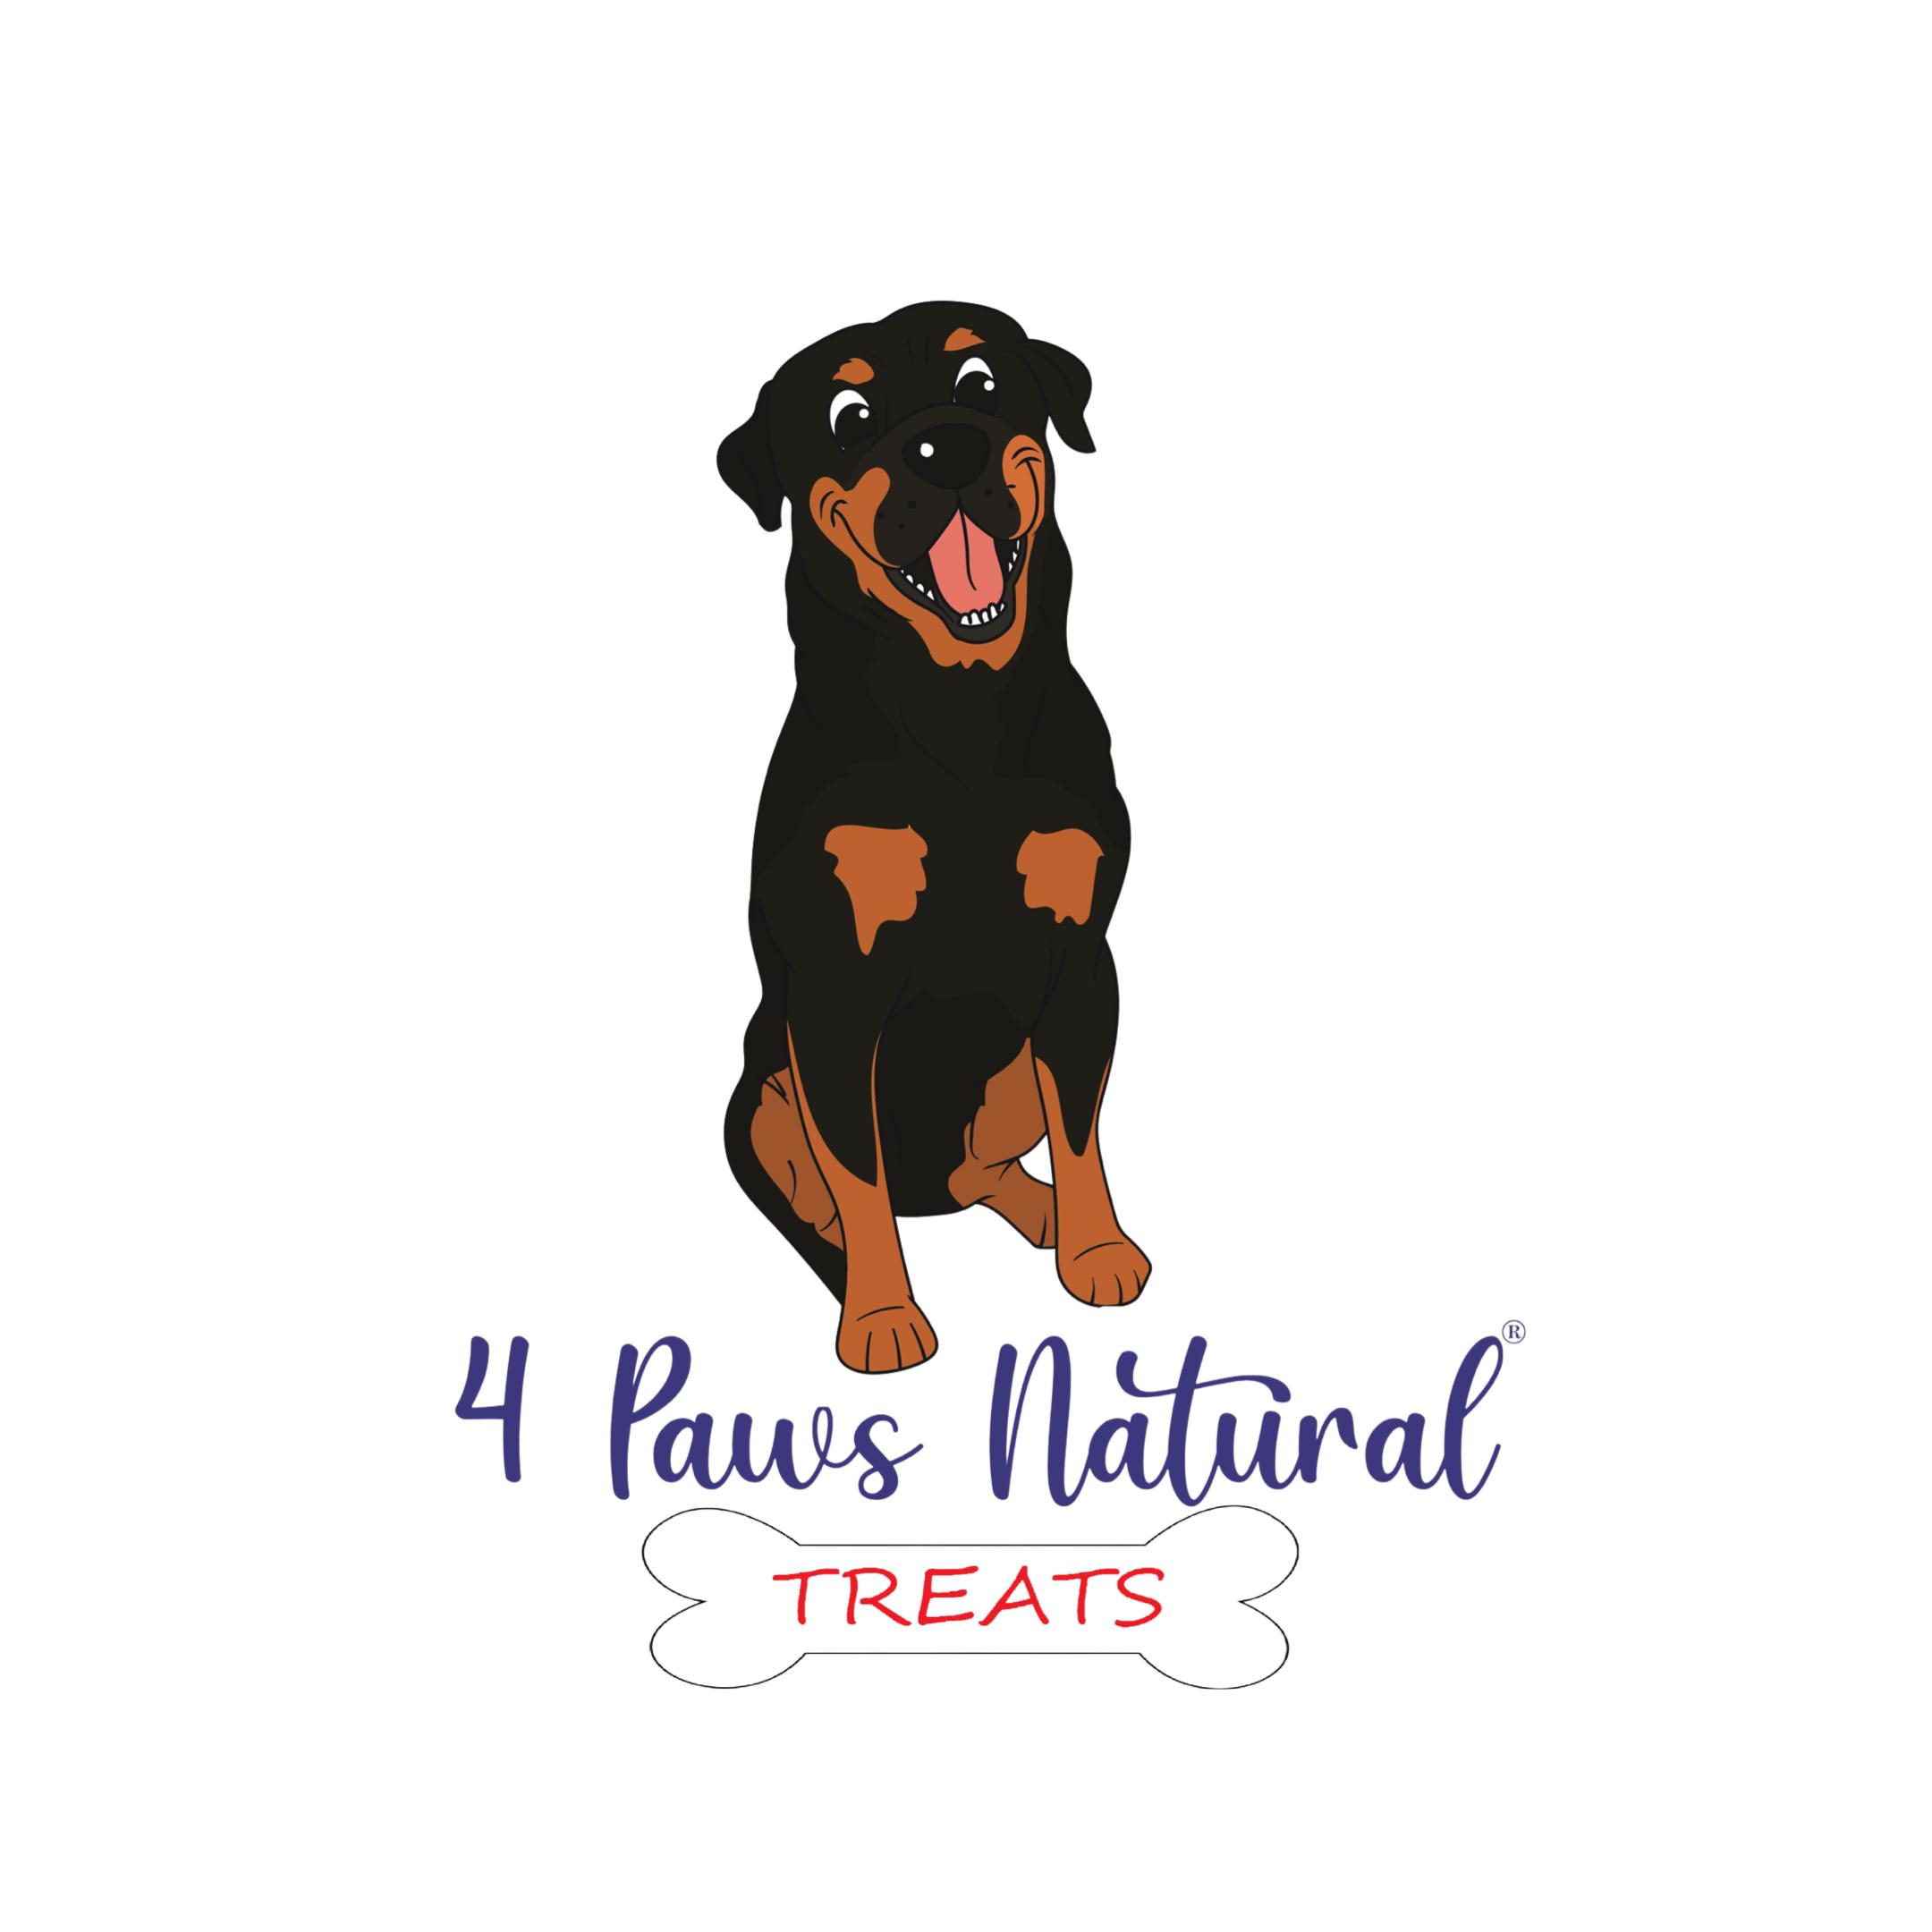 4pawsnaturaltreats